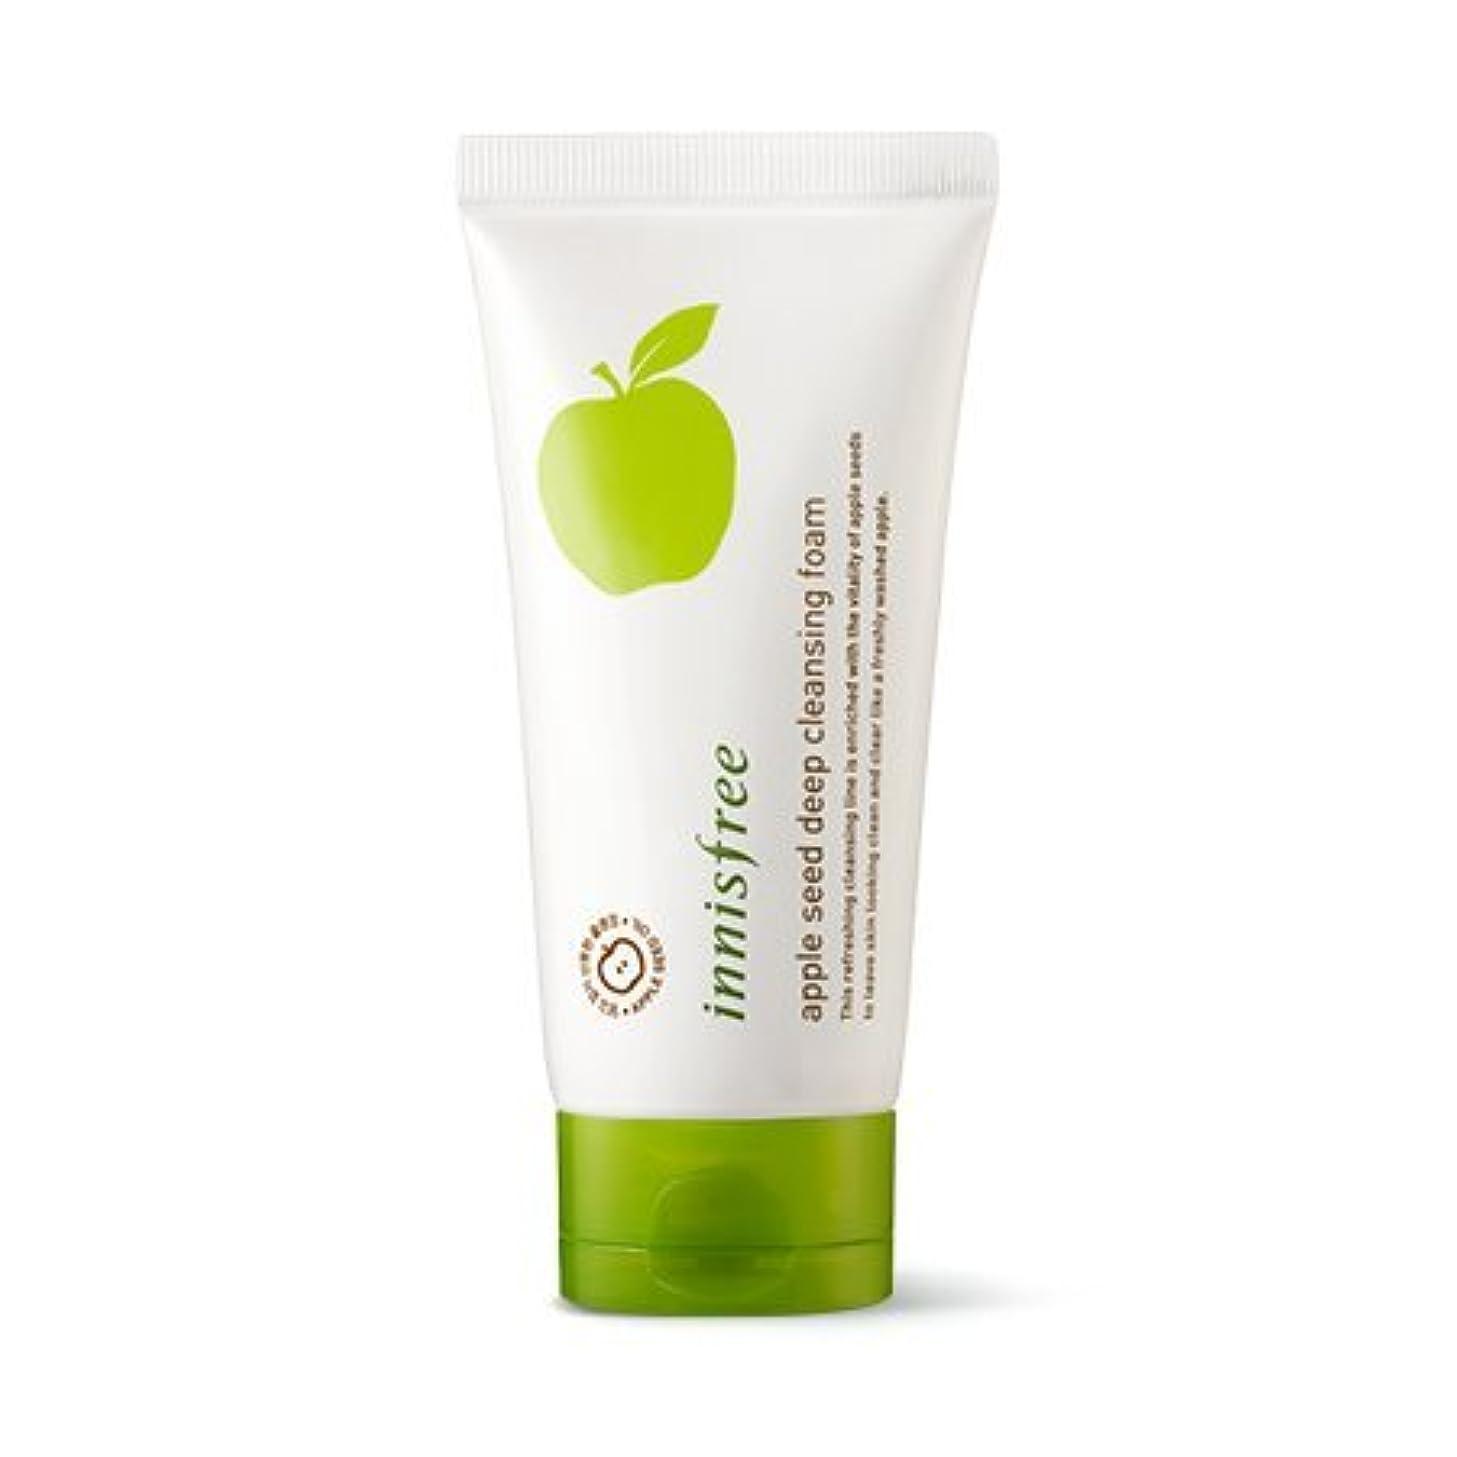 アーサーコナンドイル面白いおもしろい[New] innisfree Apple Seed Deep Cleansing Foam 150ml/イニスフリー アップル シード ディープ クレンジング フォーム 150ml